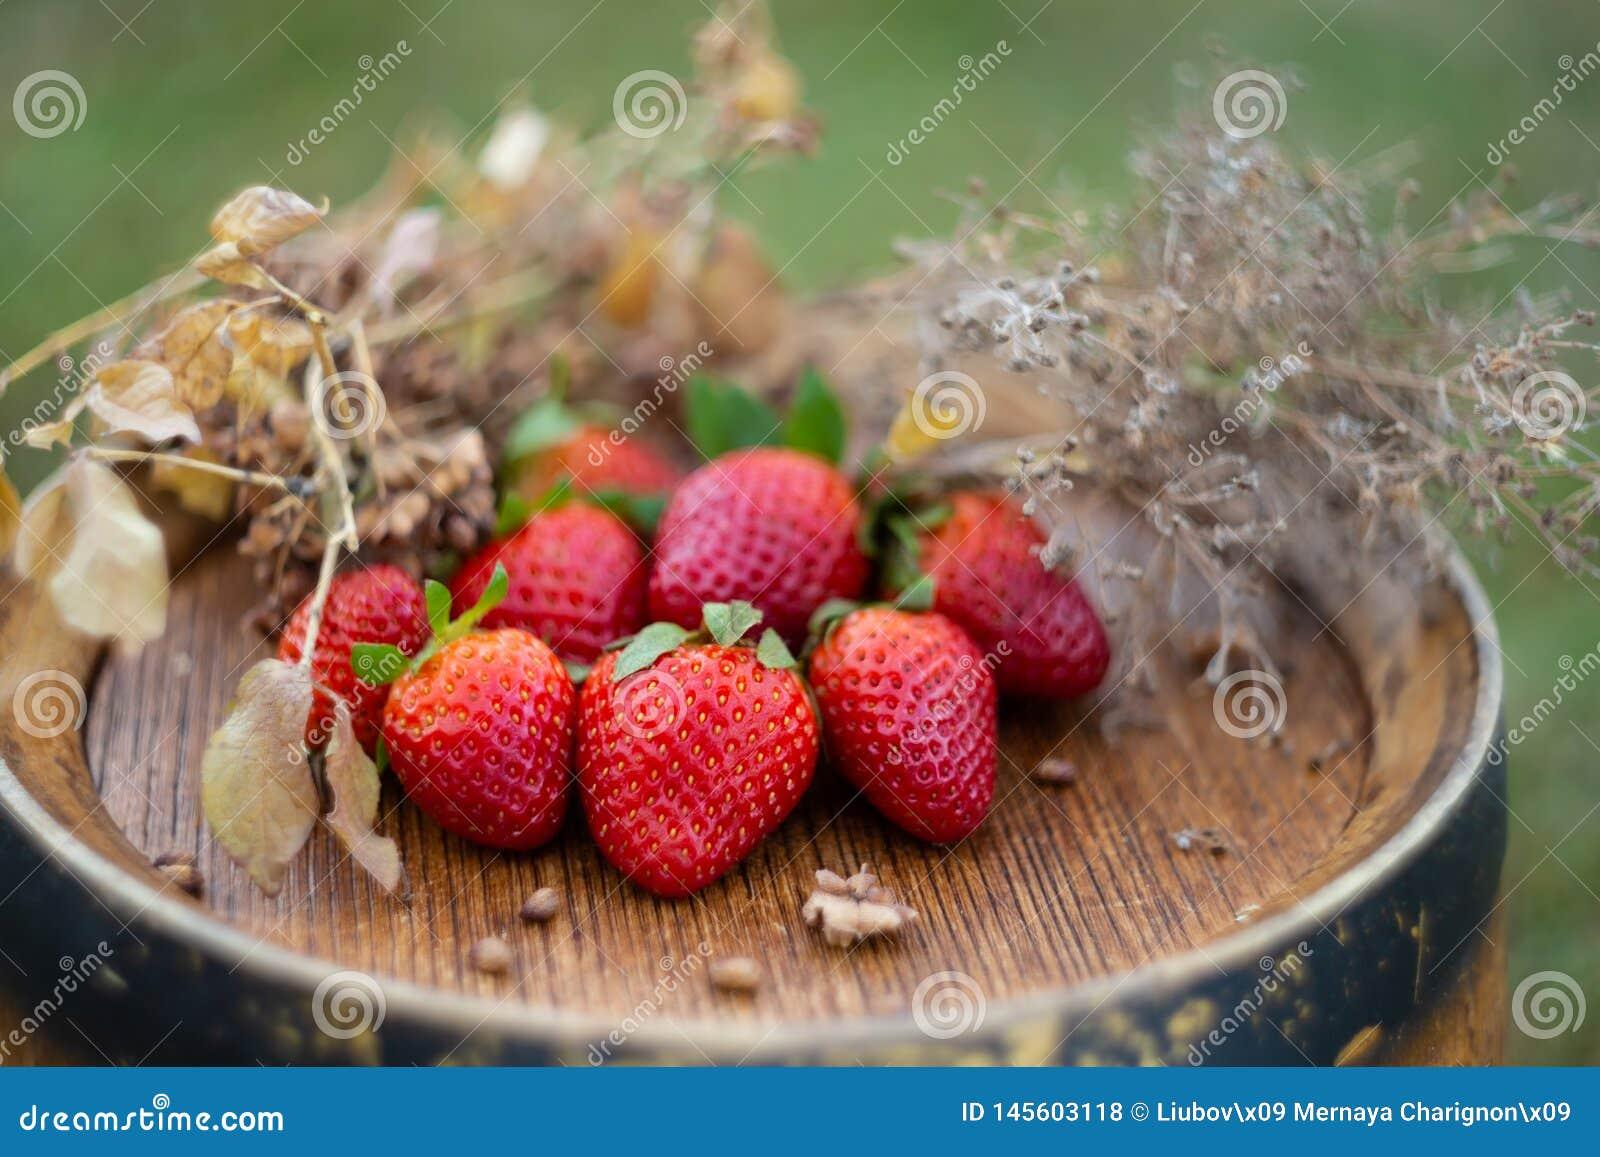 Morangos vermelhas e grama seca em um tambor de vinho de madeira